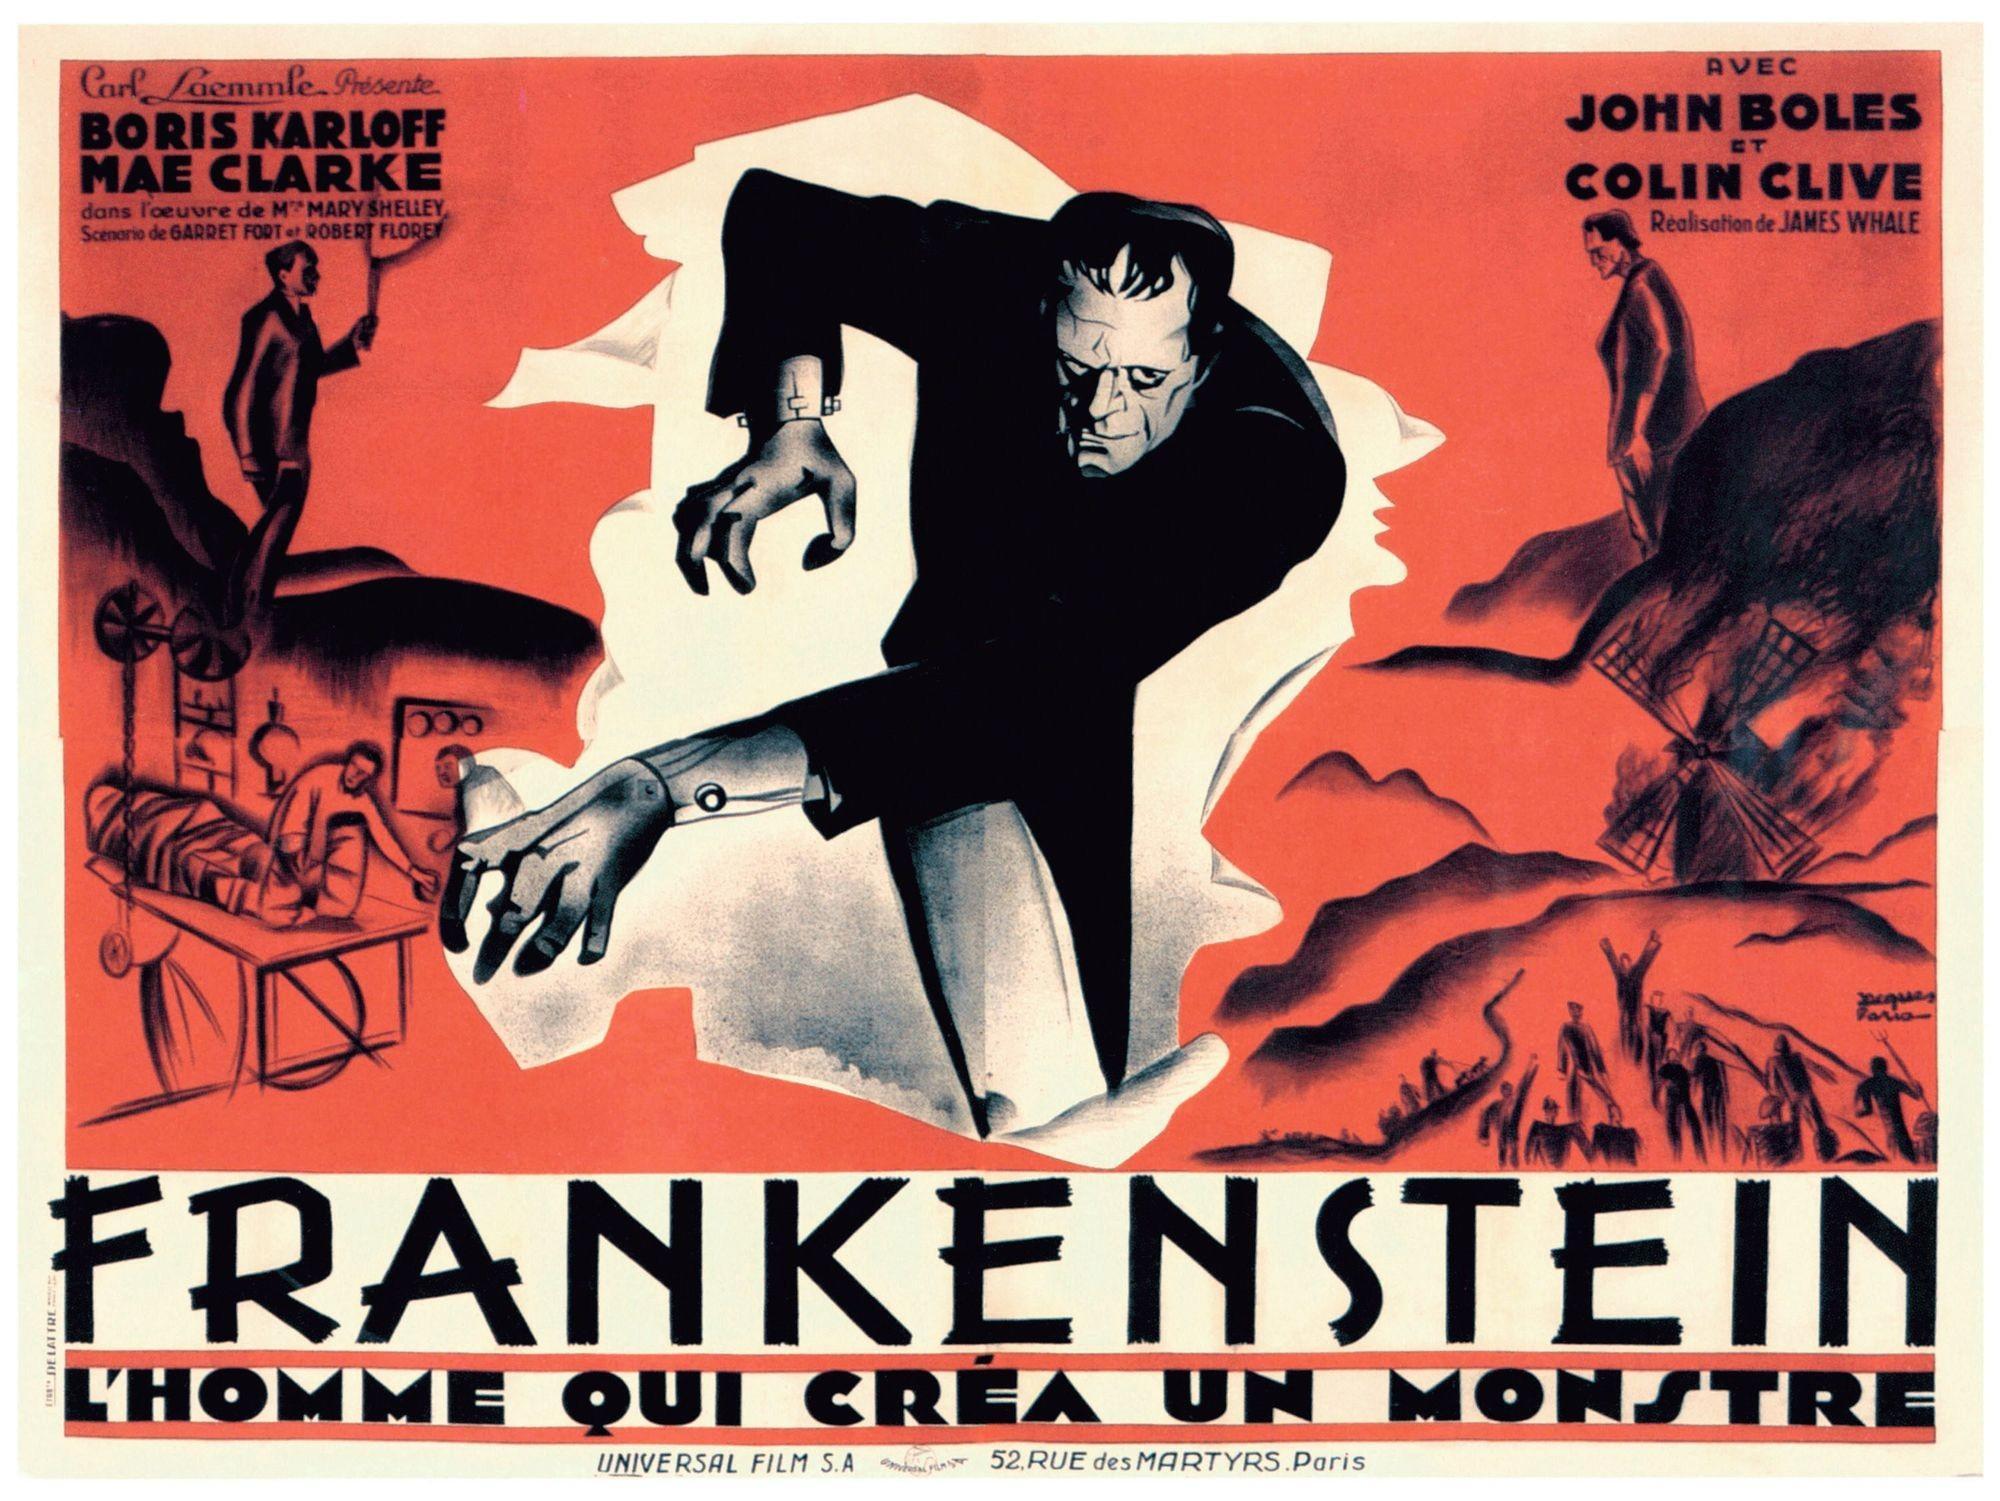 Affiche française du film Frankenstein, réalisé par James Whale avec Boris Karloff (le Monstre) et Colin Clive (Docteur Frankenstein), 1931.